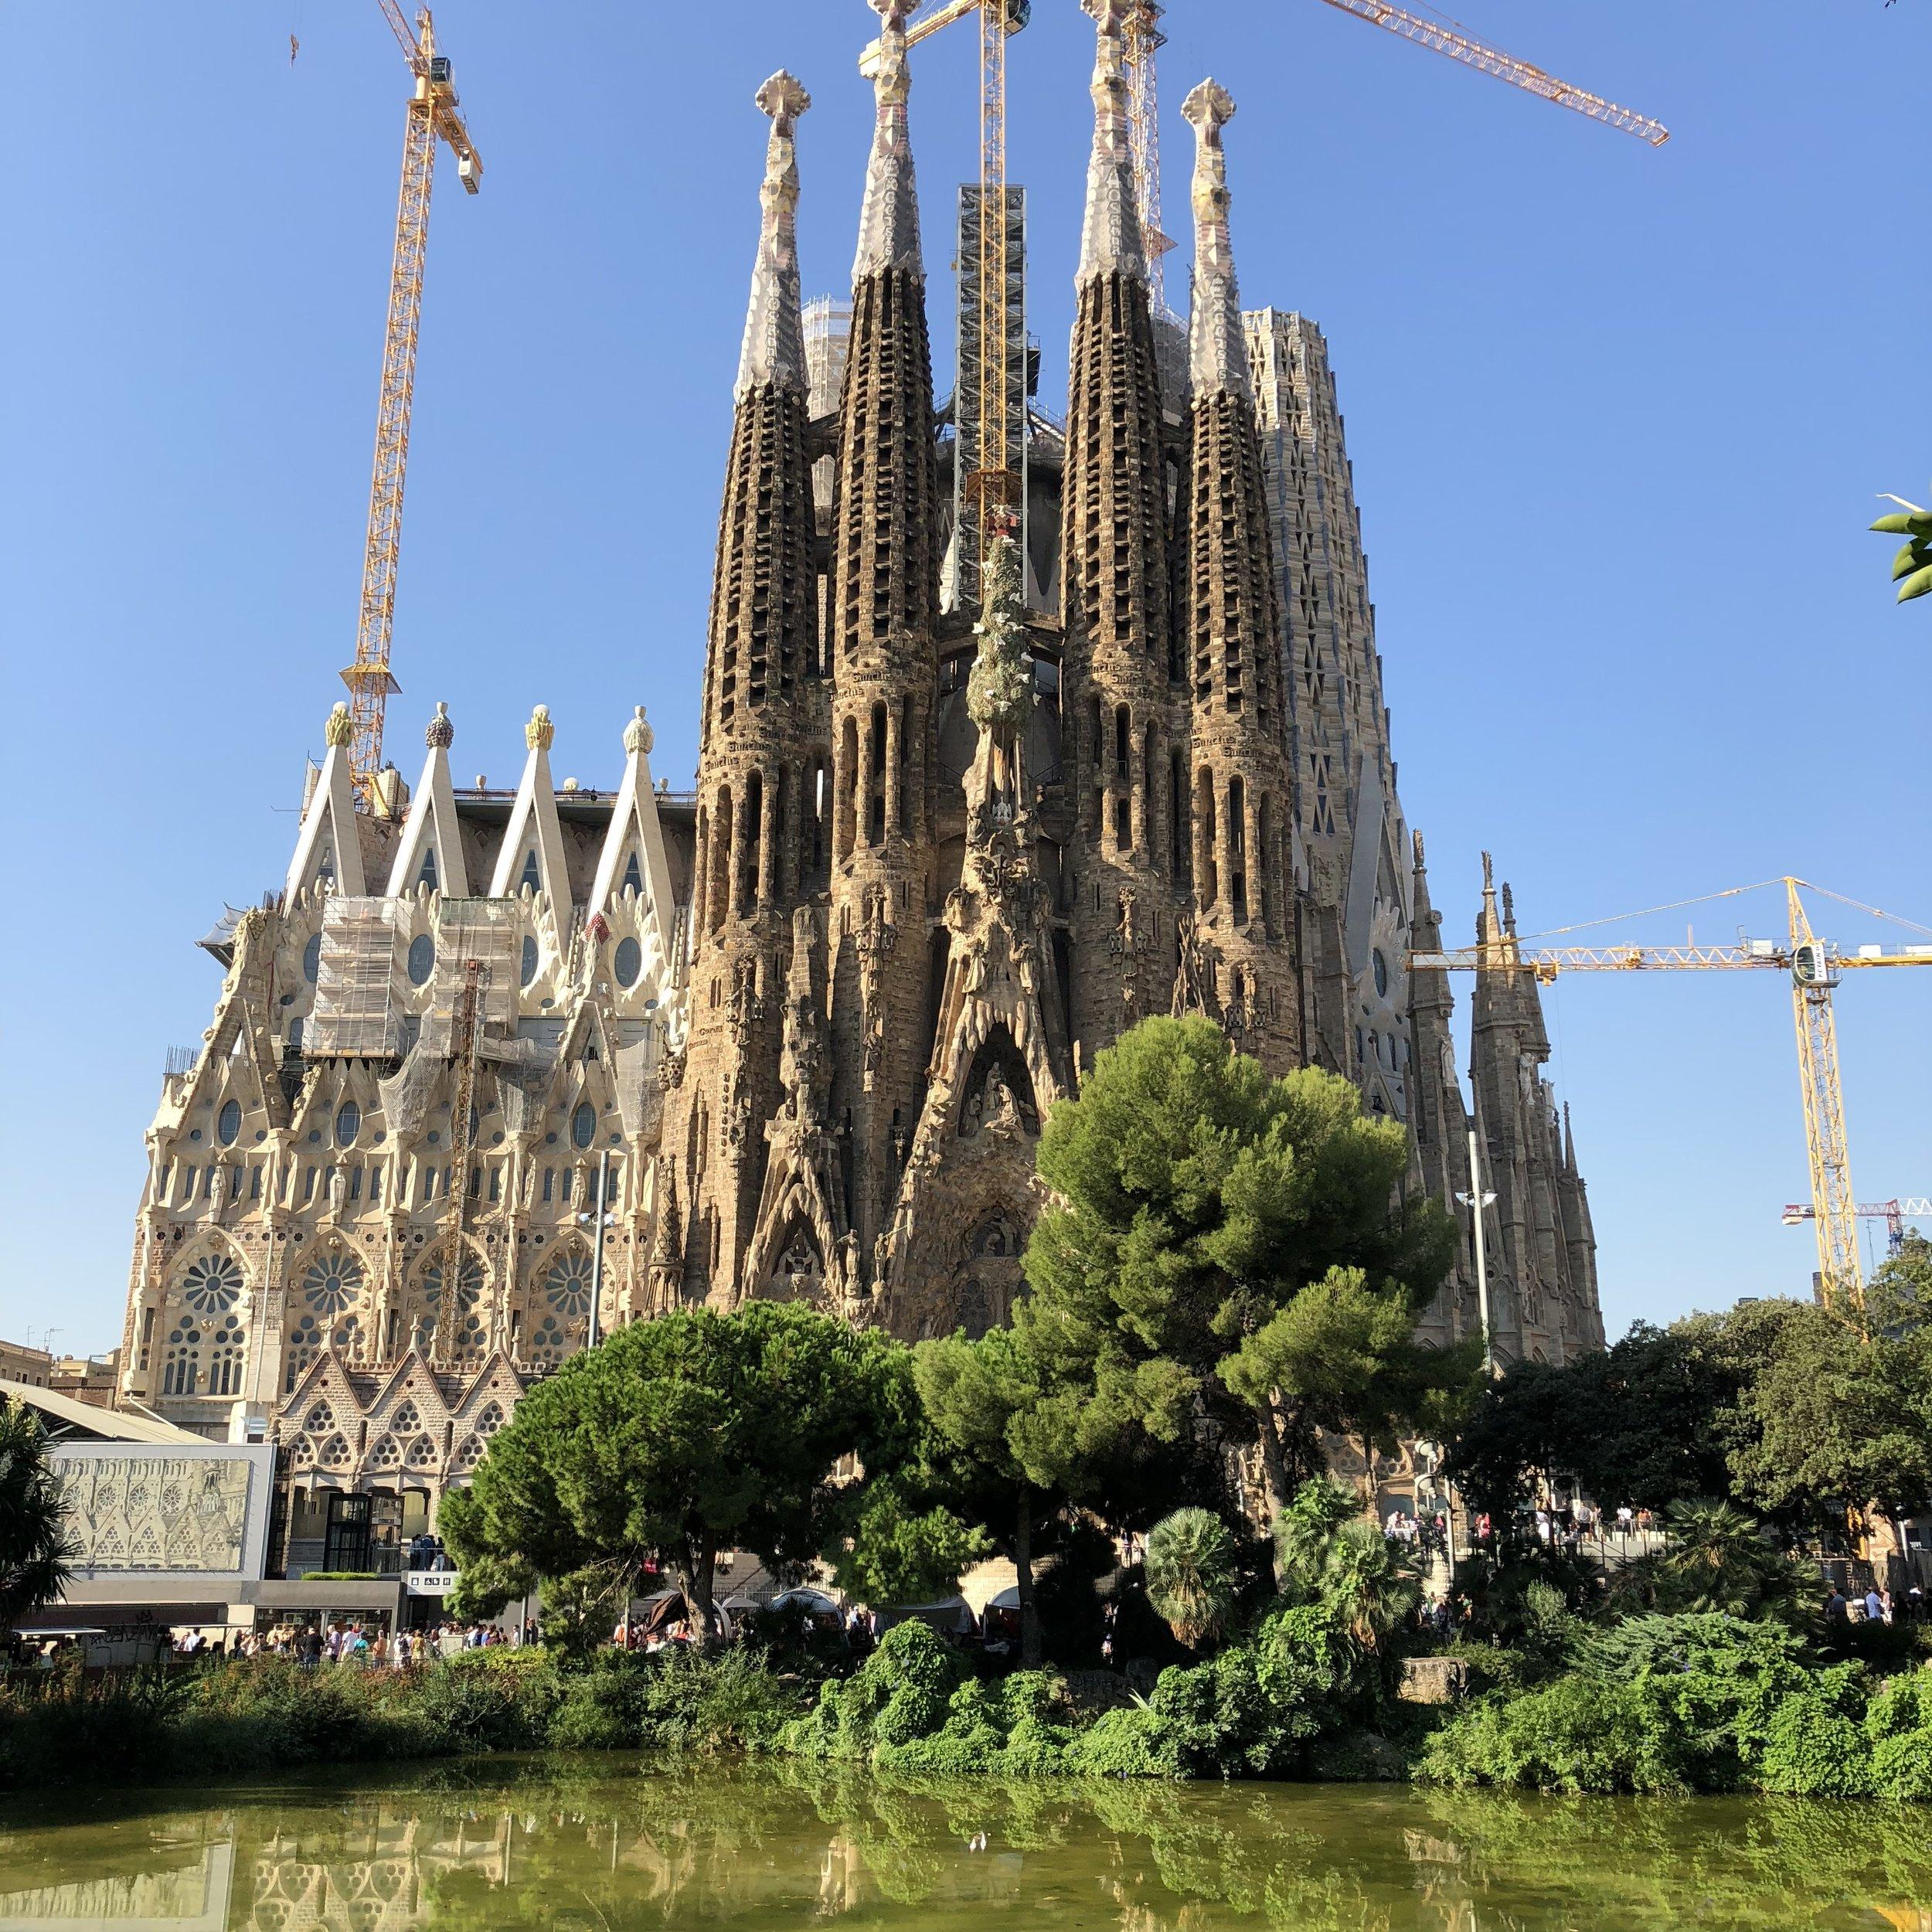 The Sagrada Familia.